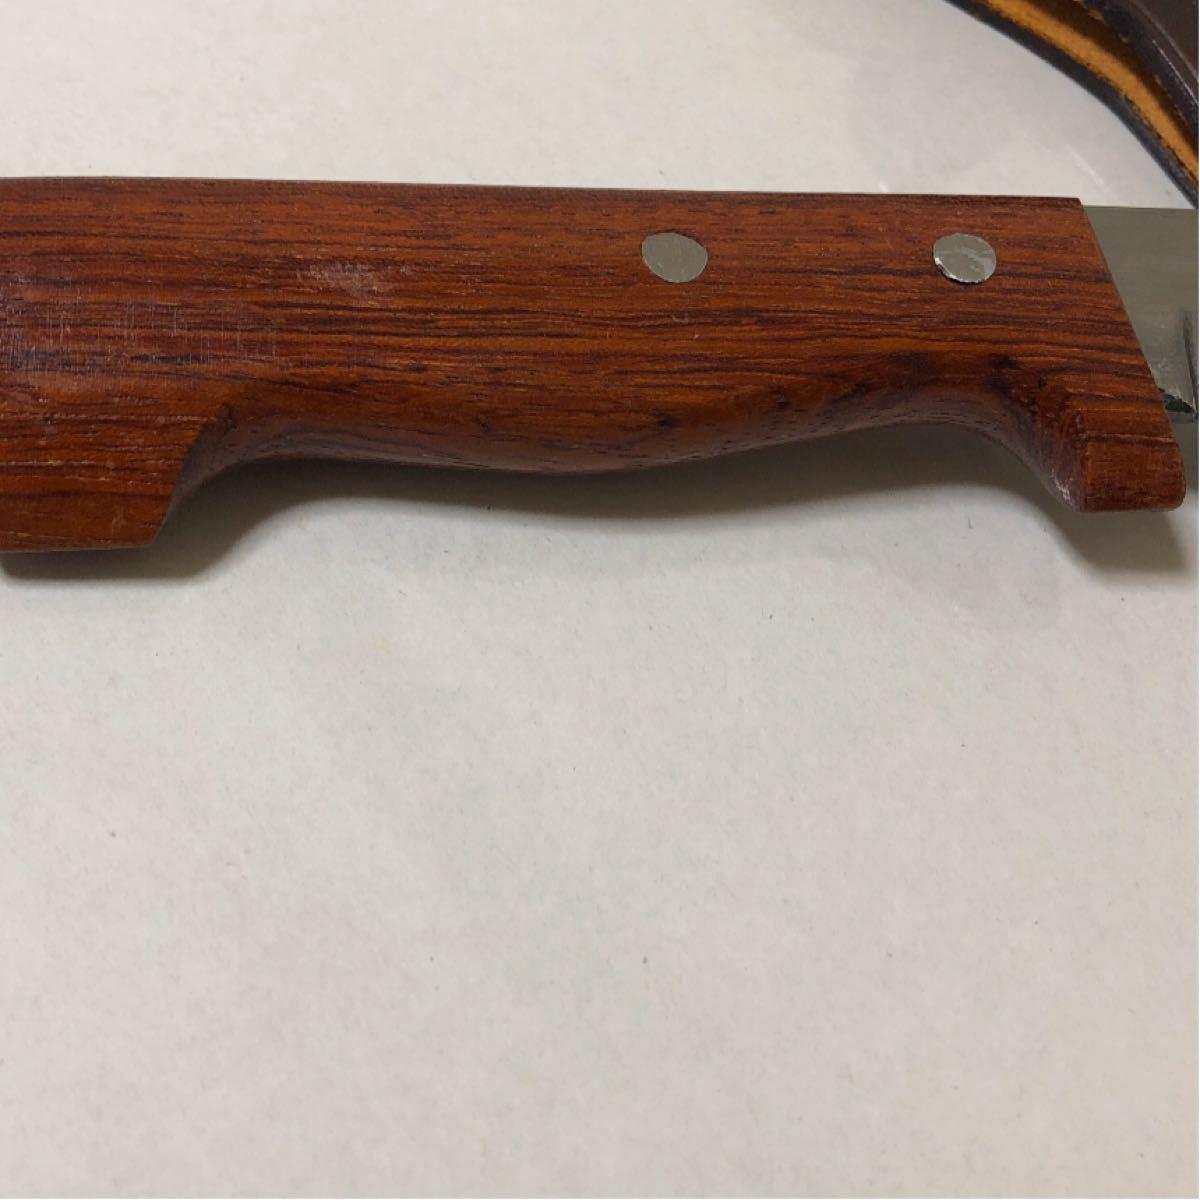 土佐守 和式ナイフ